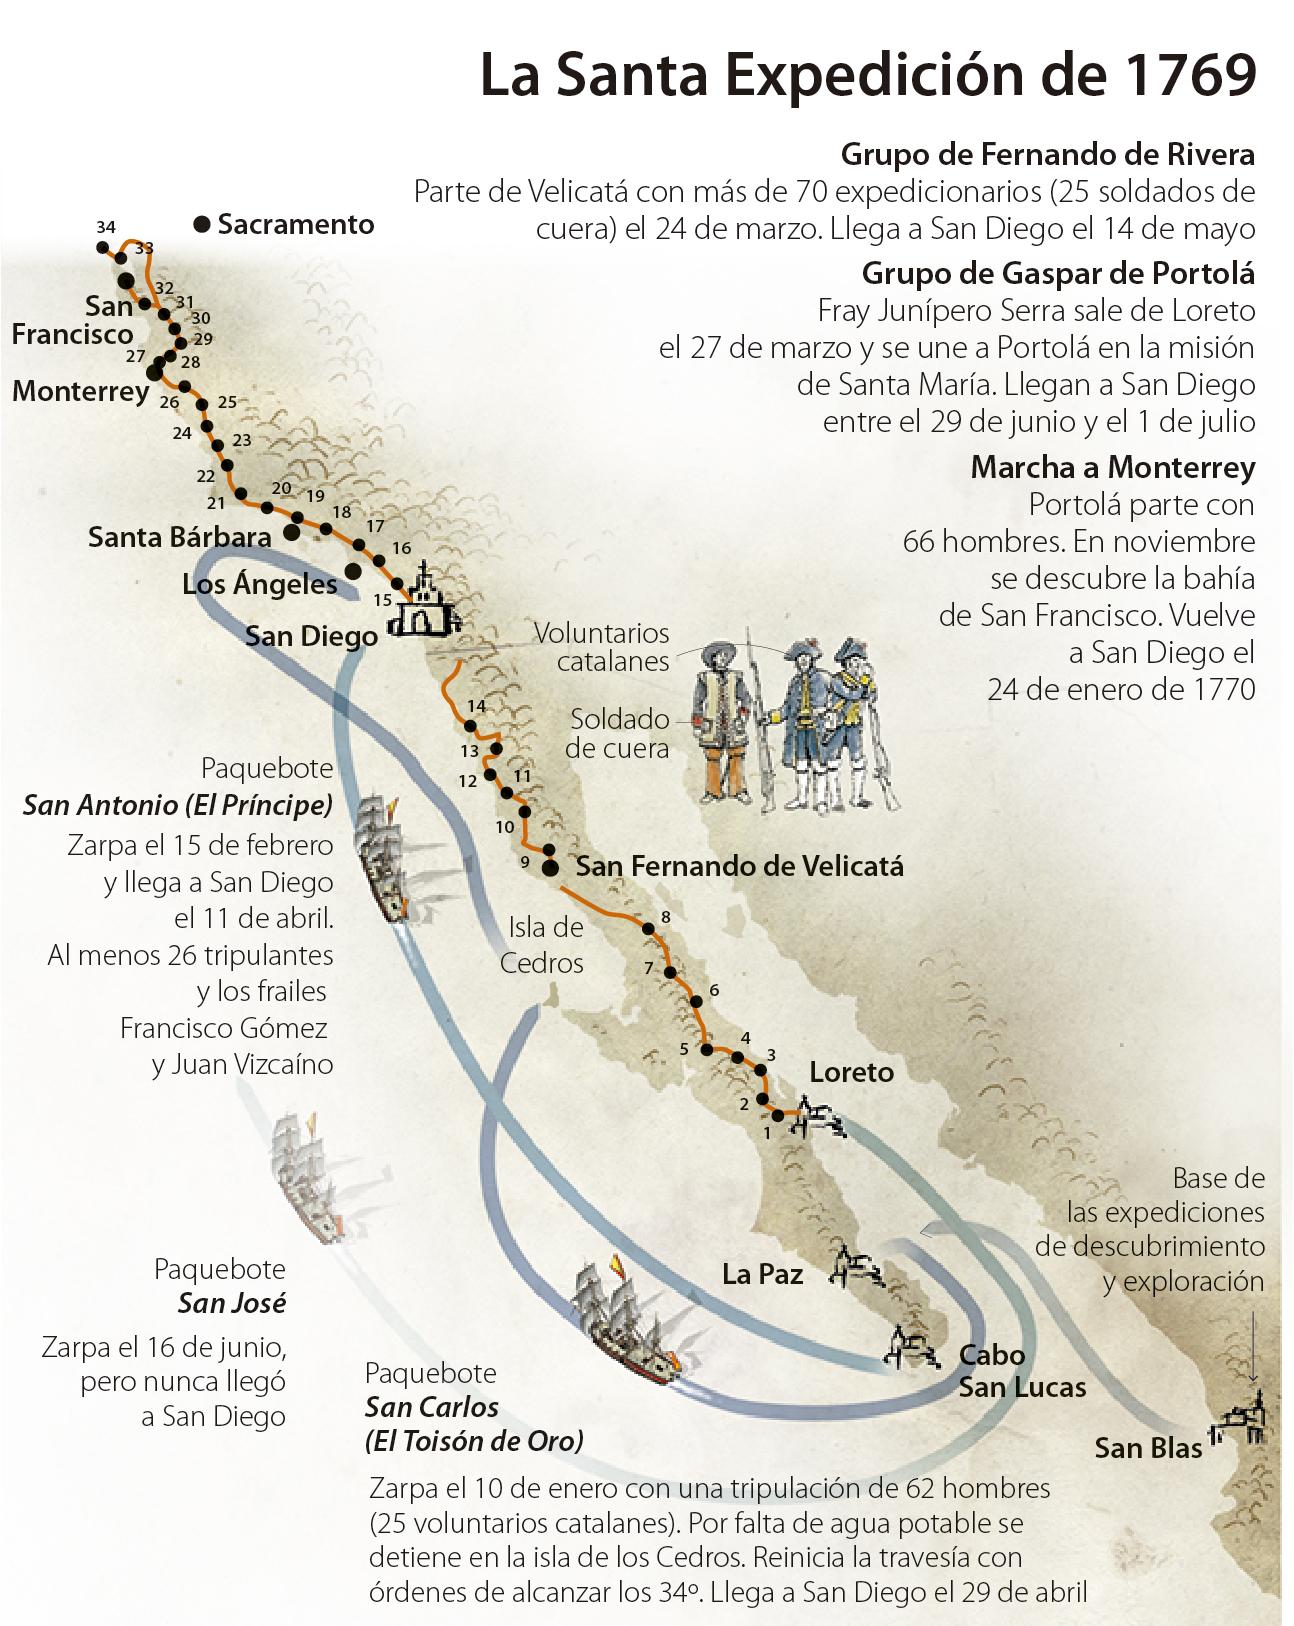 California borra a los españoles en el 250 aniversario de San Diego